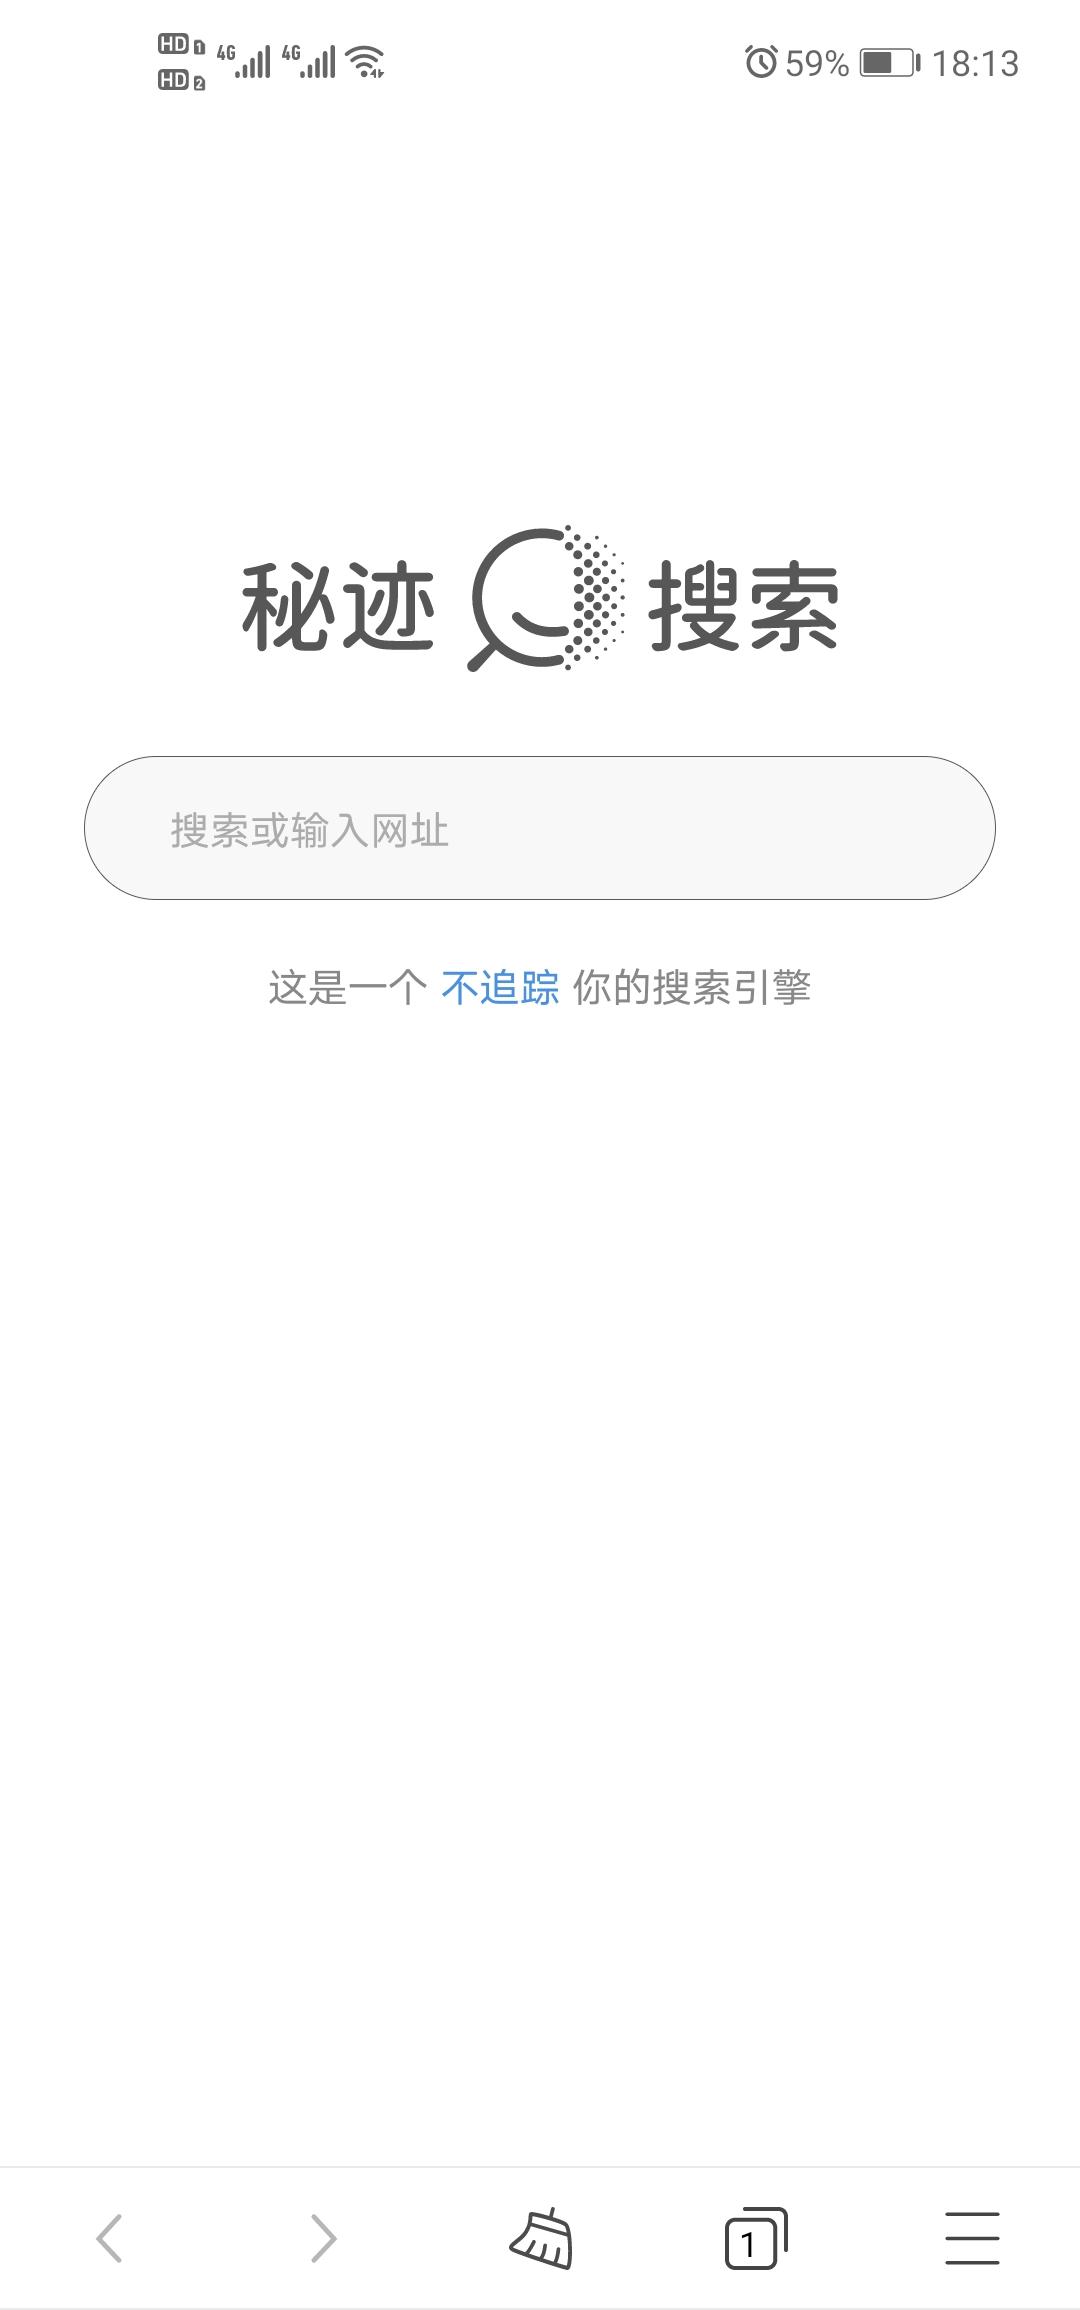 【分享】浏览器合集    各种浏览器集合